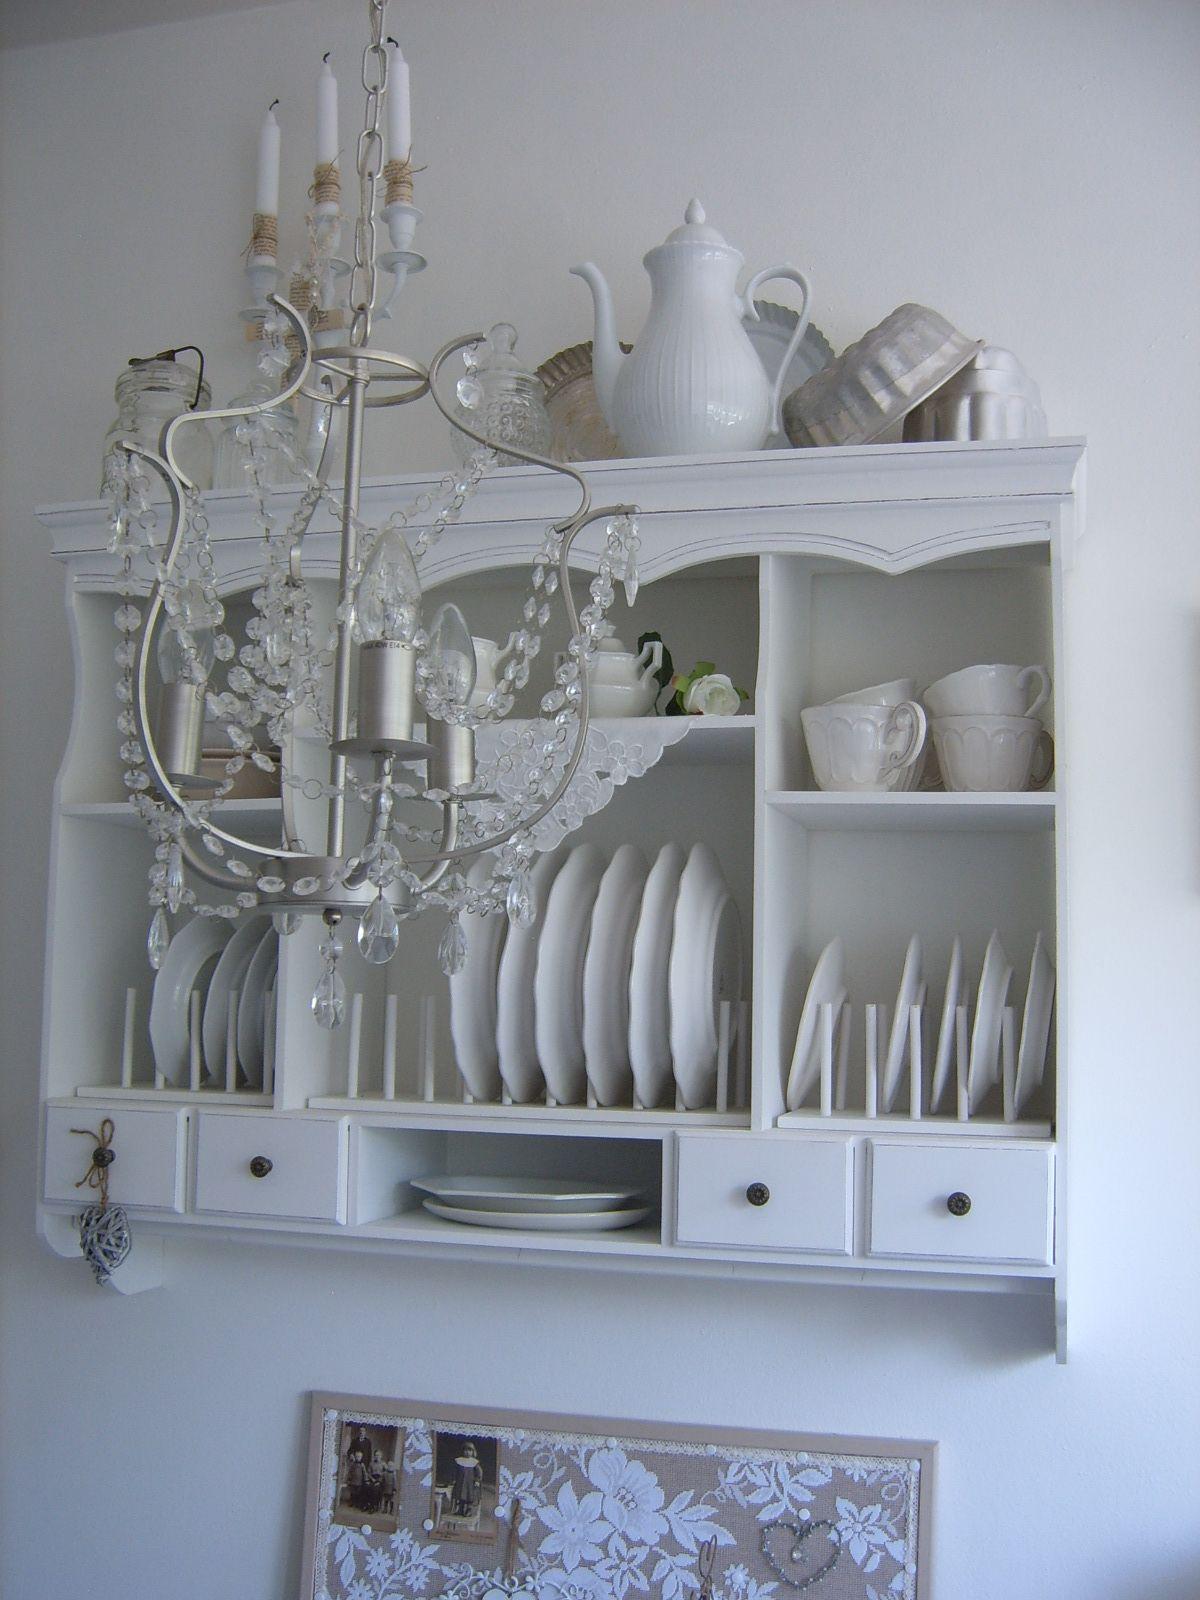 Köökin roinahylly.